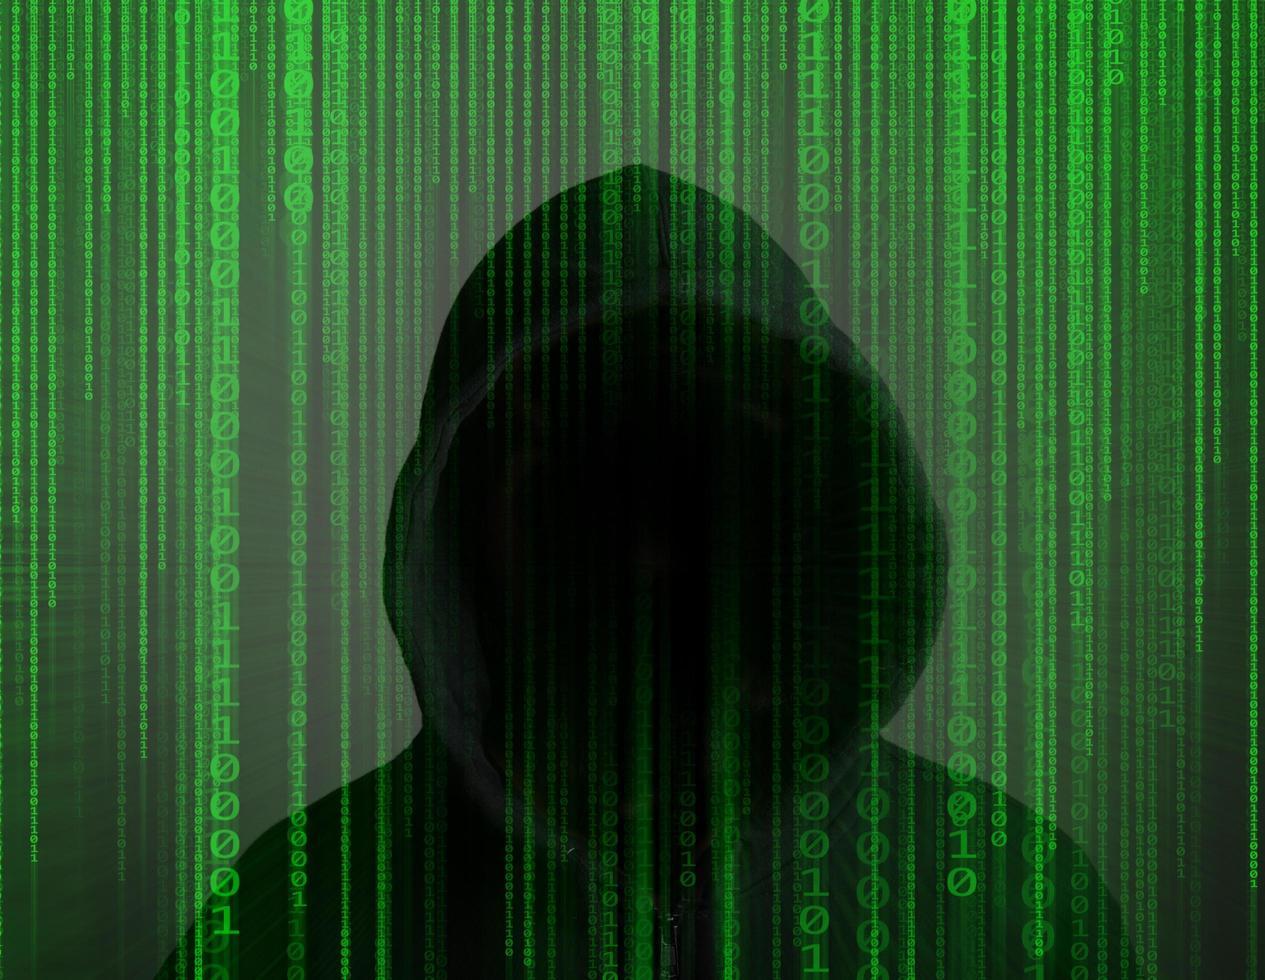 jovem hacker trabalhando duro para resolver códigos de senha online foto